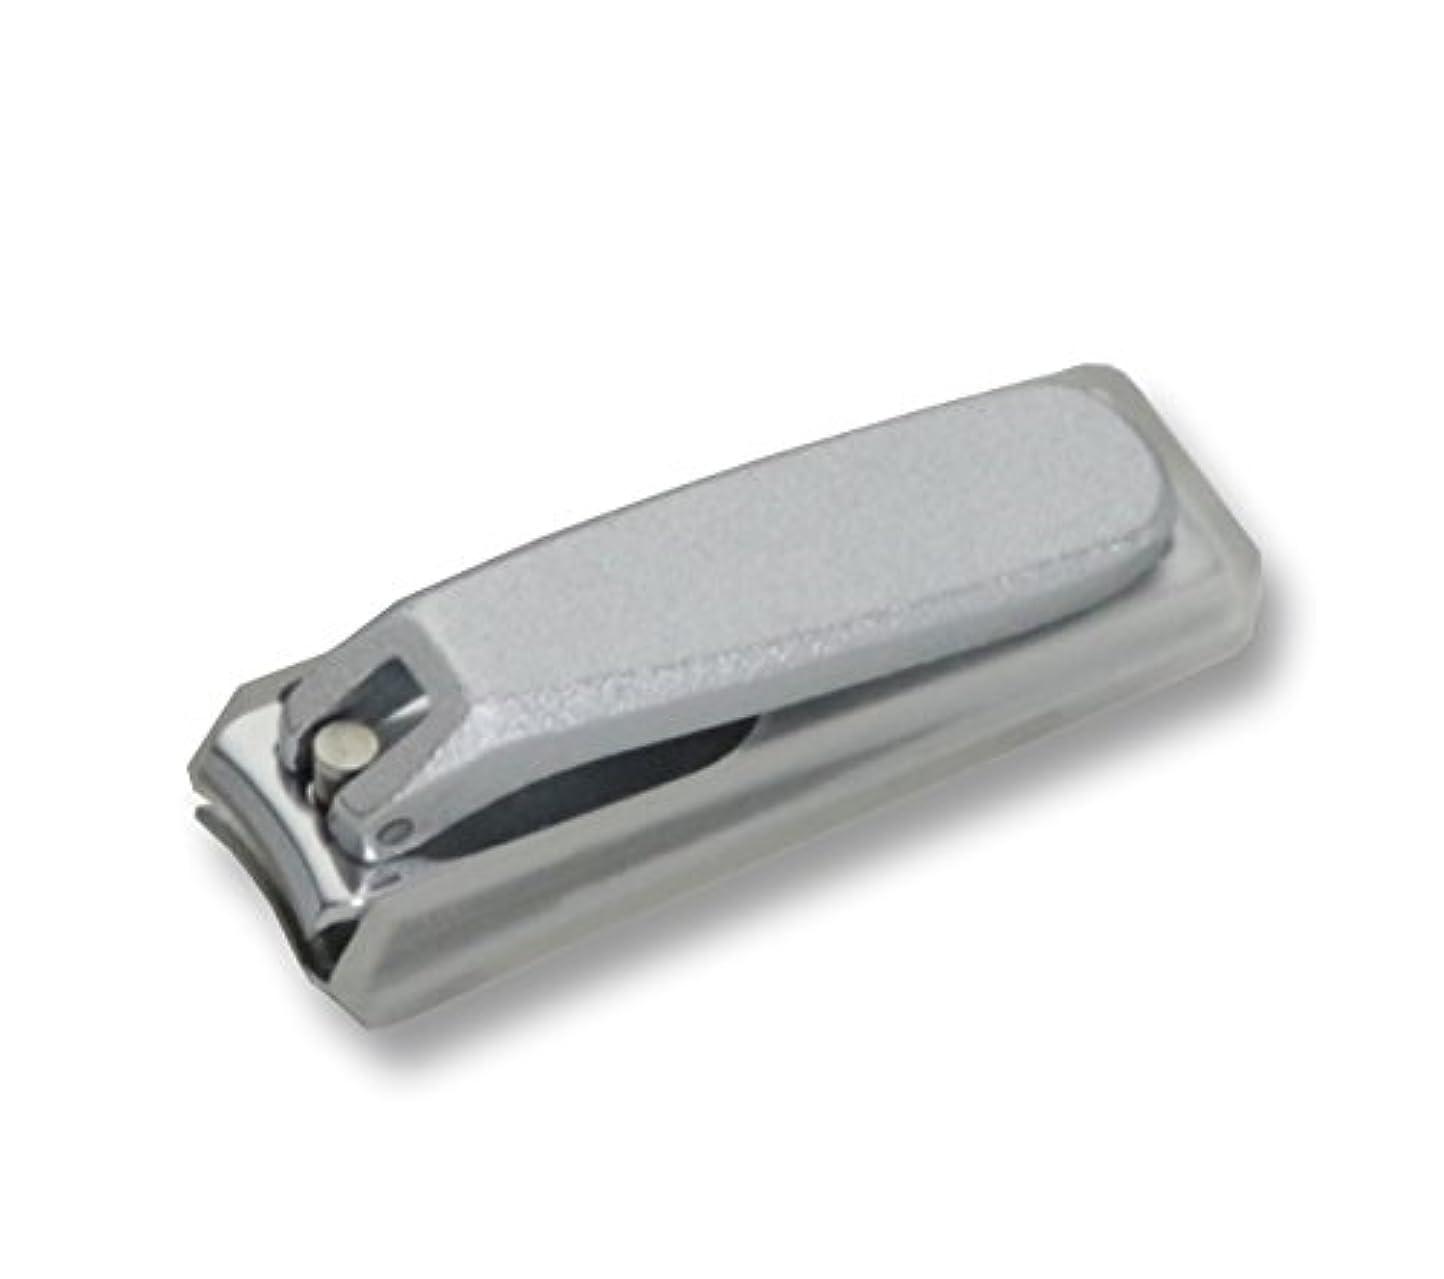 クランシーアリ聞くKD-024 関の刃物 クローム爪切 小 カバー付